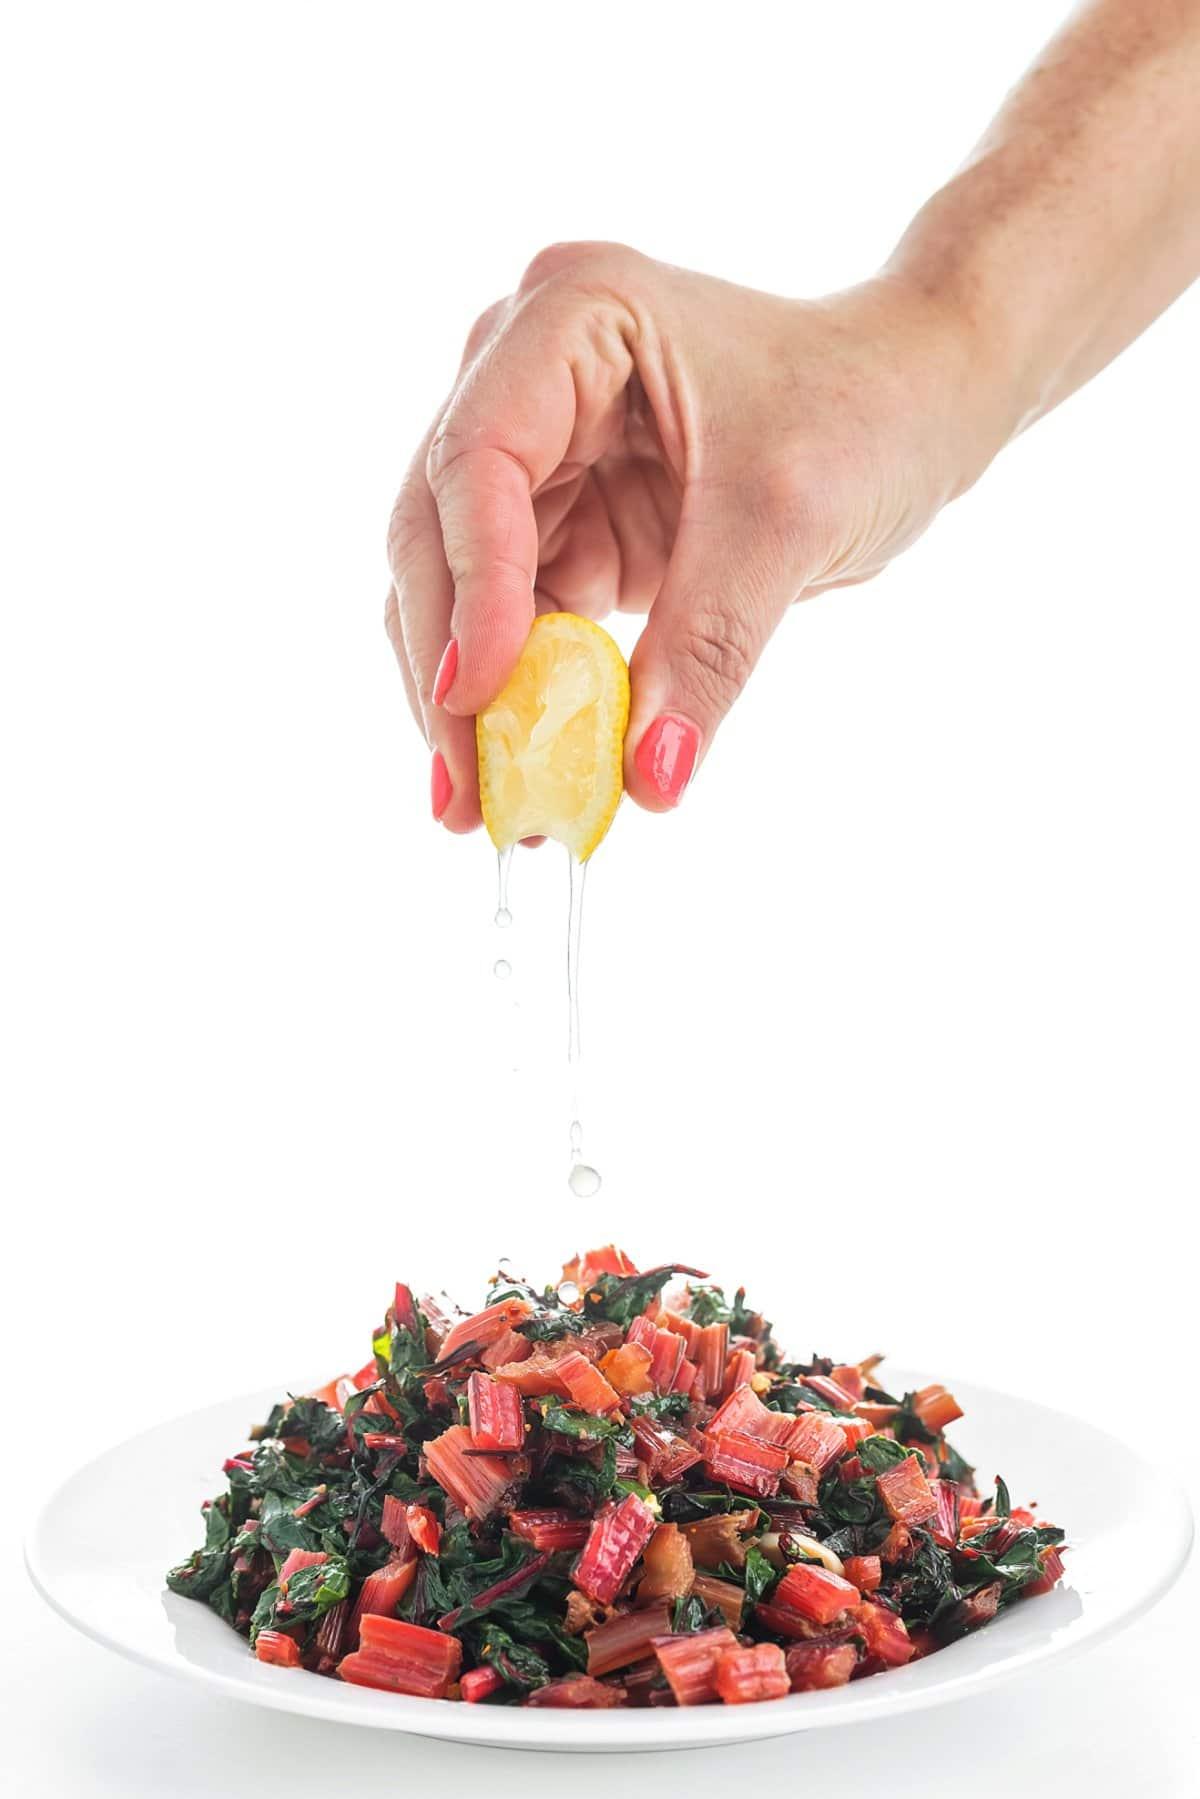 Freshly squeezing lemon juice onto sautéed swiss chard with lemon and garlic.